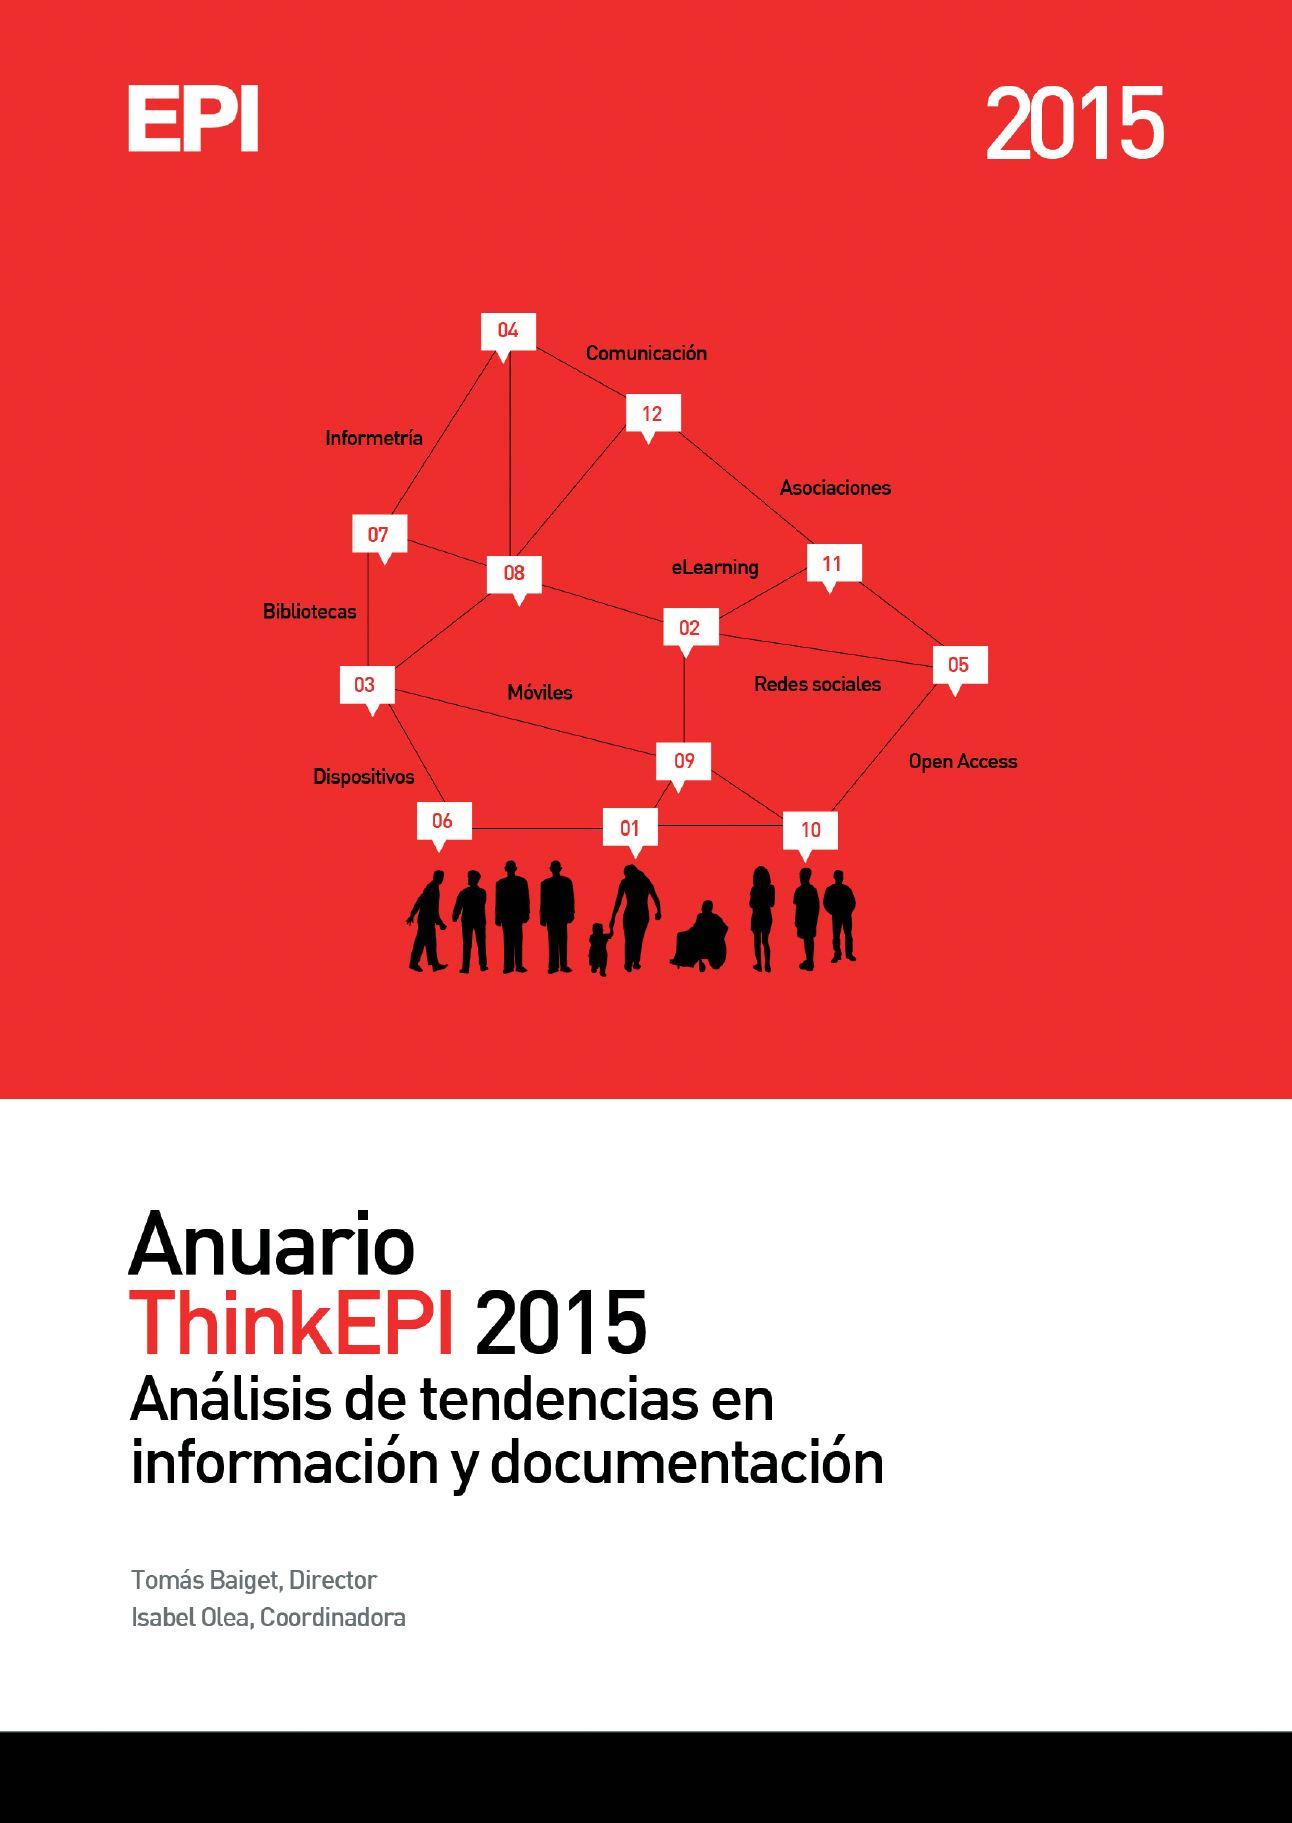 Anuario ThinkEPI 2015